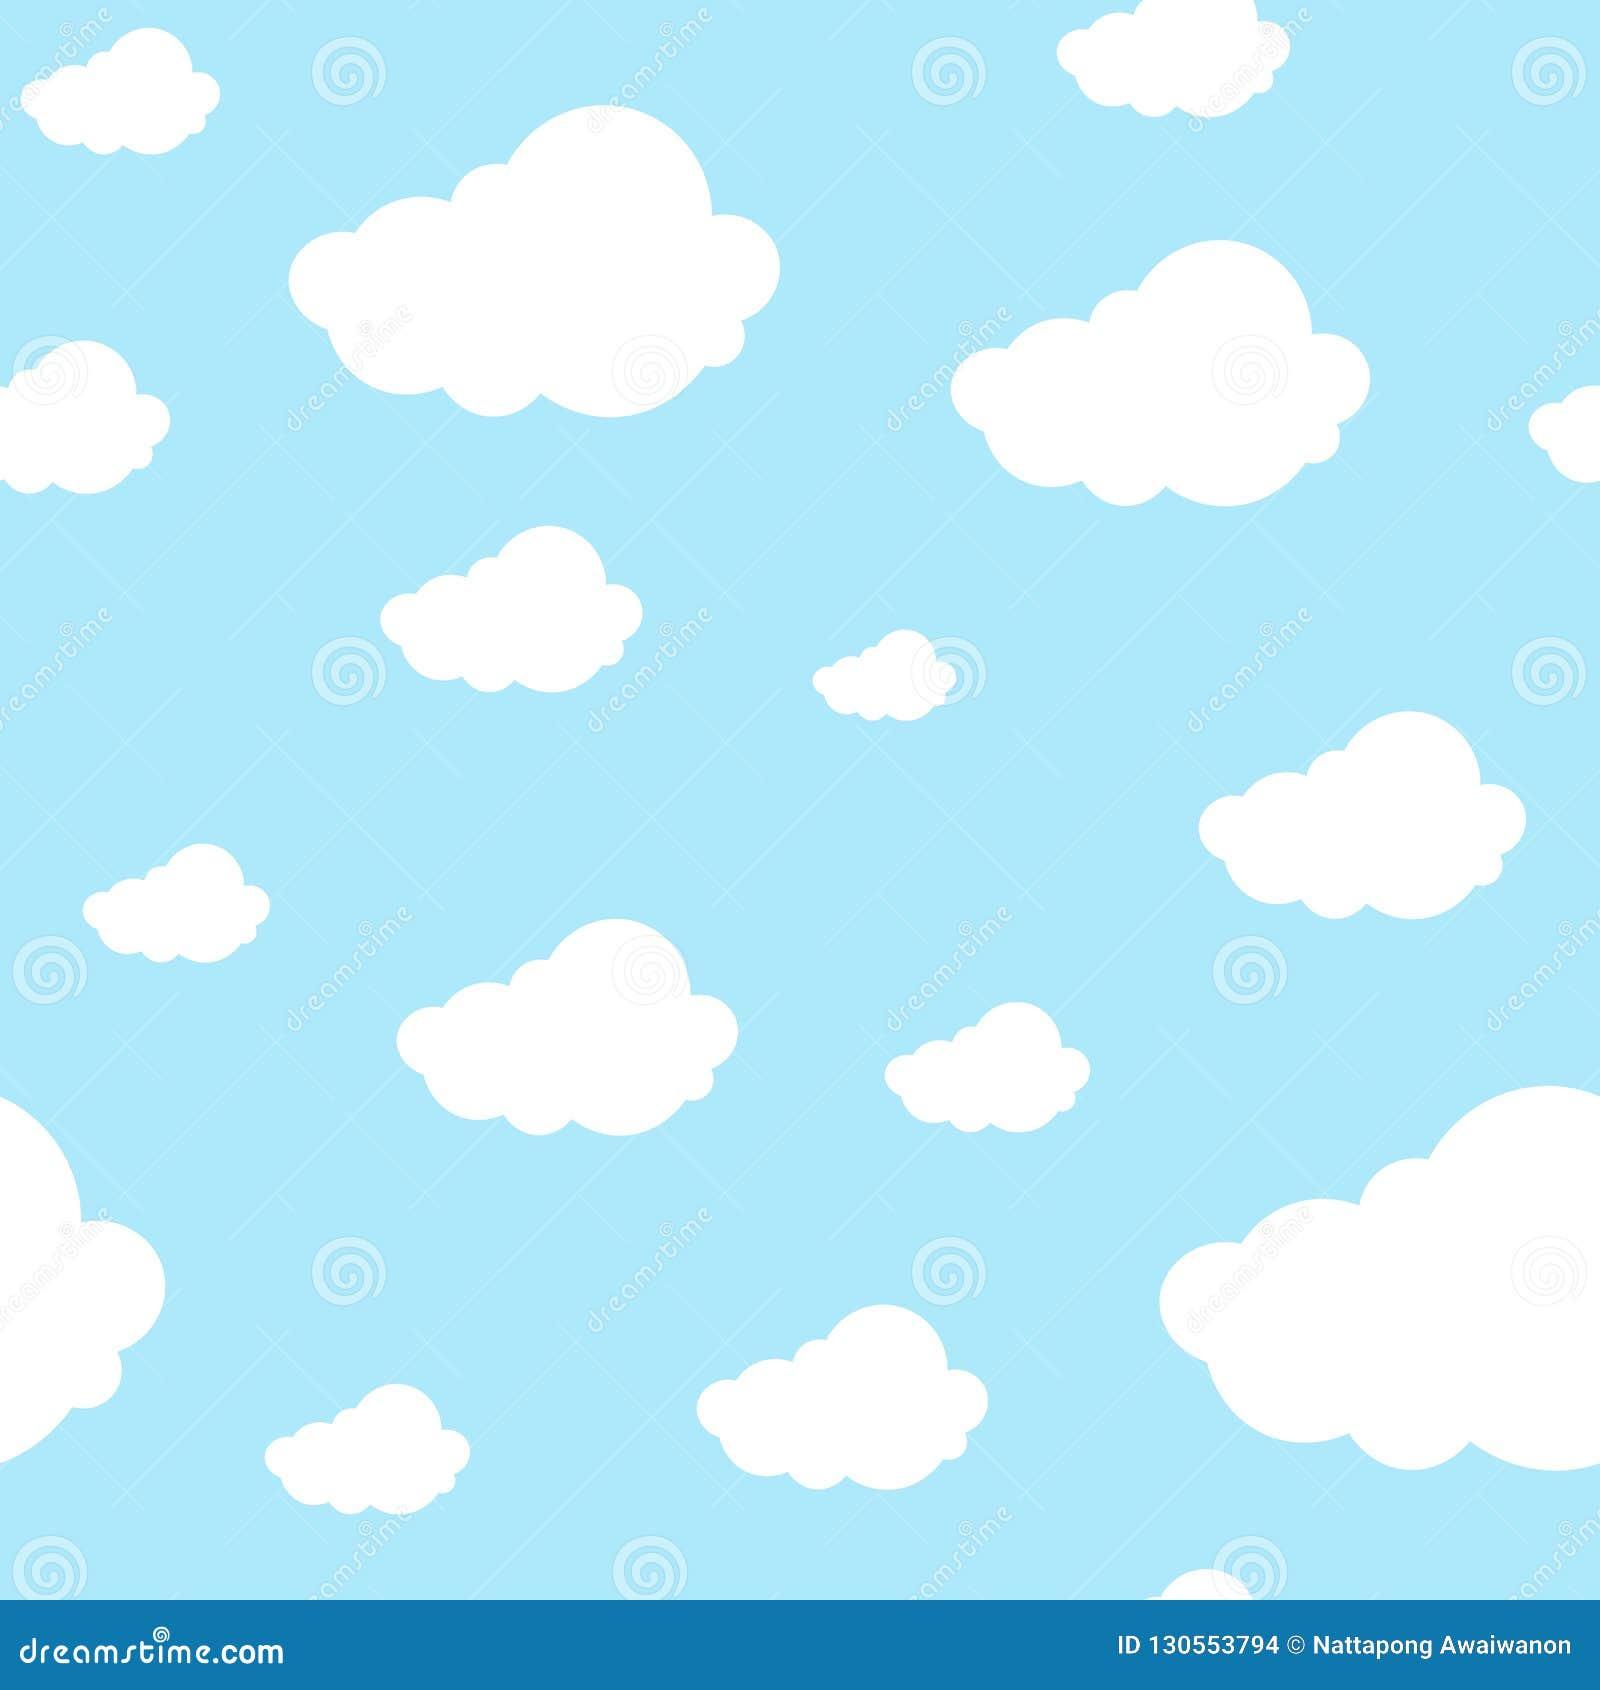 Mooie naadloze patroonwolken ononderbroken op lichtblauwe achtergrond Herhaalbaar grafisch gedrukt ontwerp voor om het even welk